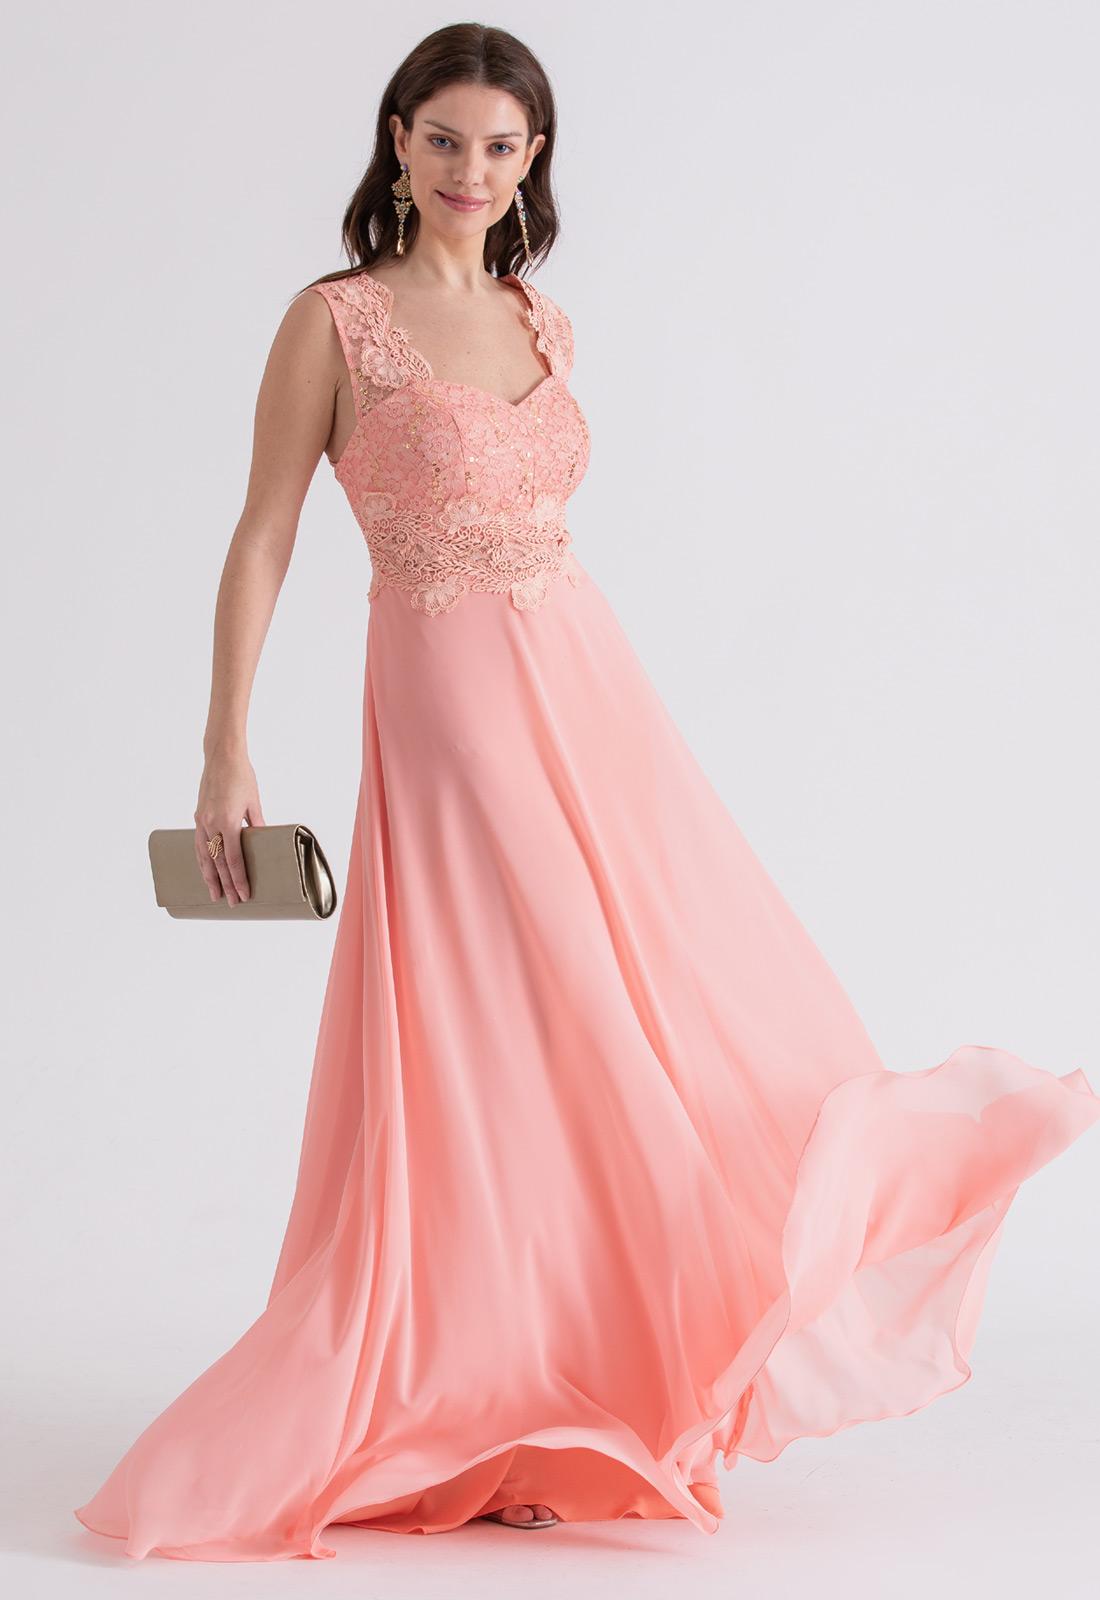 Vestido de festa longo Renda rosê - Ref. 2223